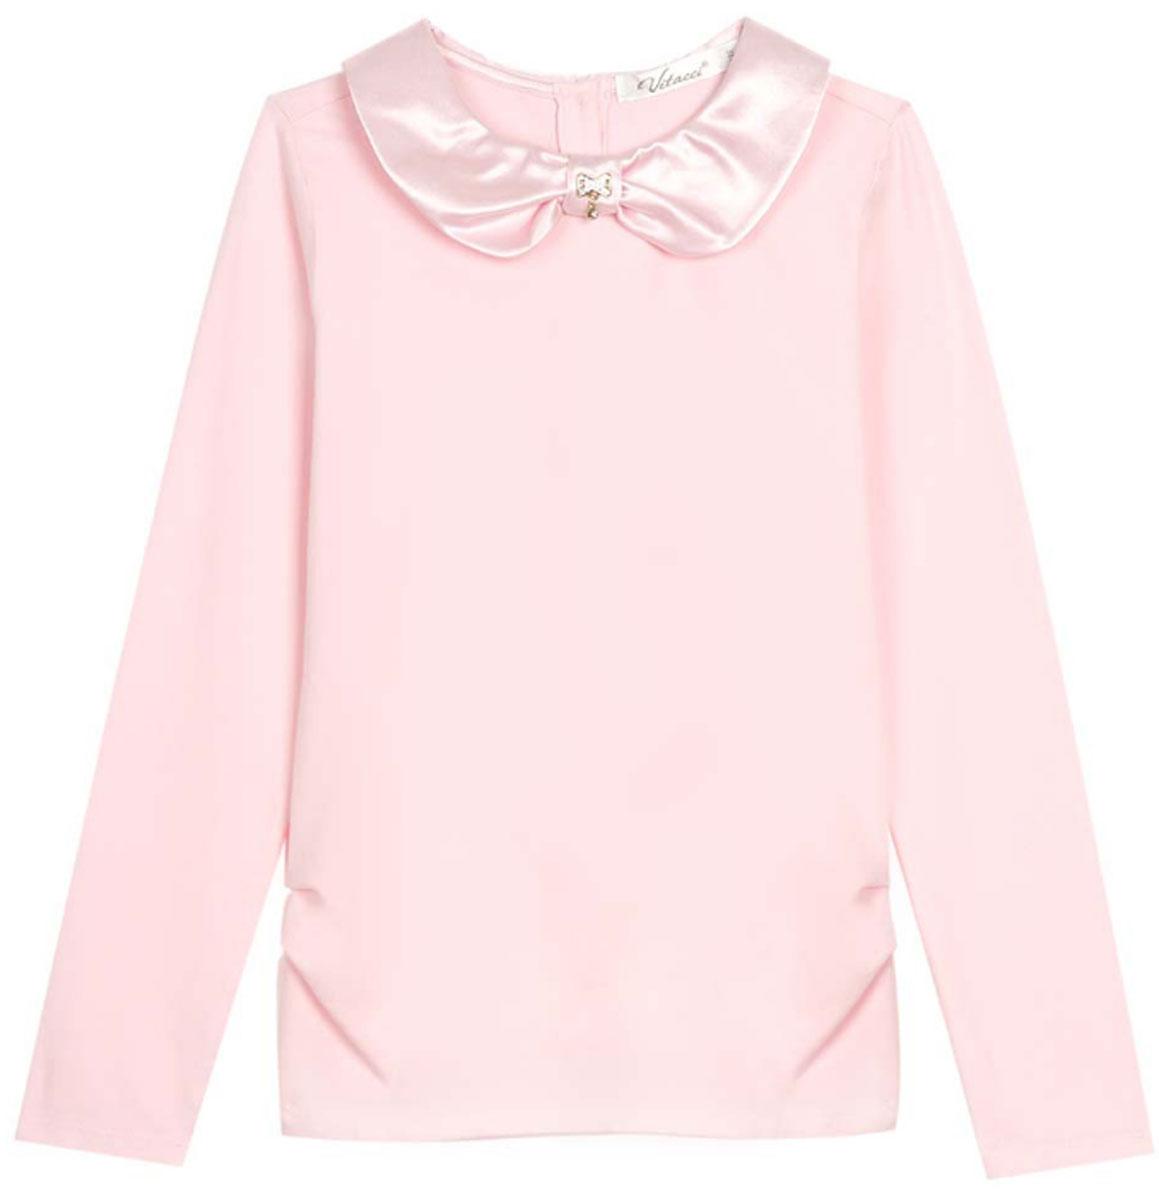 Блузка для девочки Vitacci, цвет: розовый. 2173007-11. Размер 1282173007-11Школьная блузка для девочки от Vitacci выполнена из эластичного хлопкового трикотажа. Модель с длинными рукавами и отложным атласным воротничком на спинке застегивается на пуговицы.